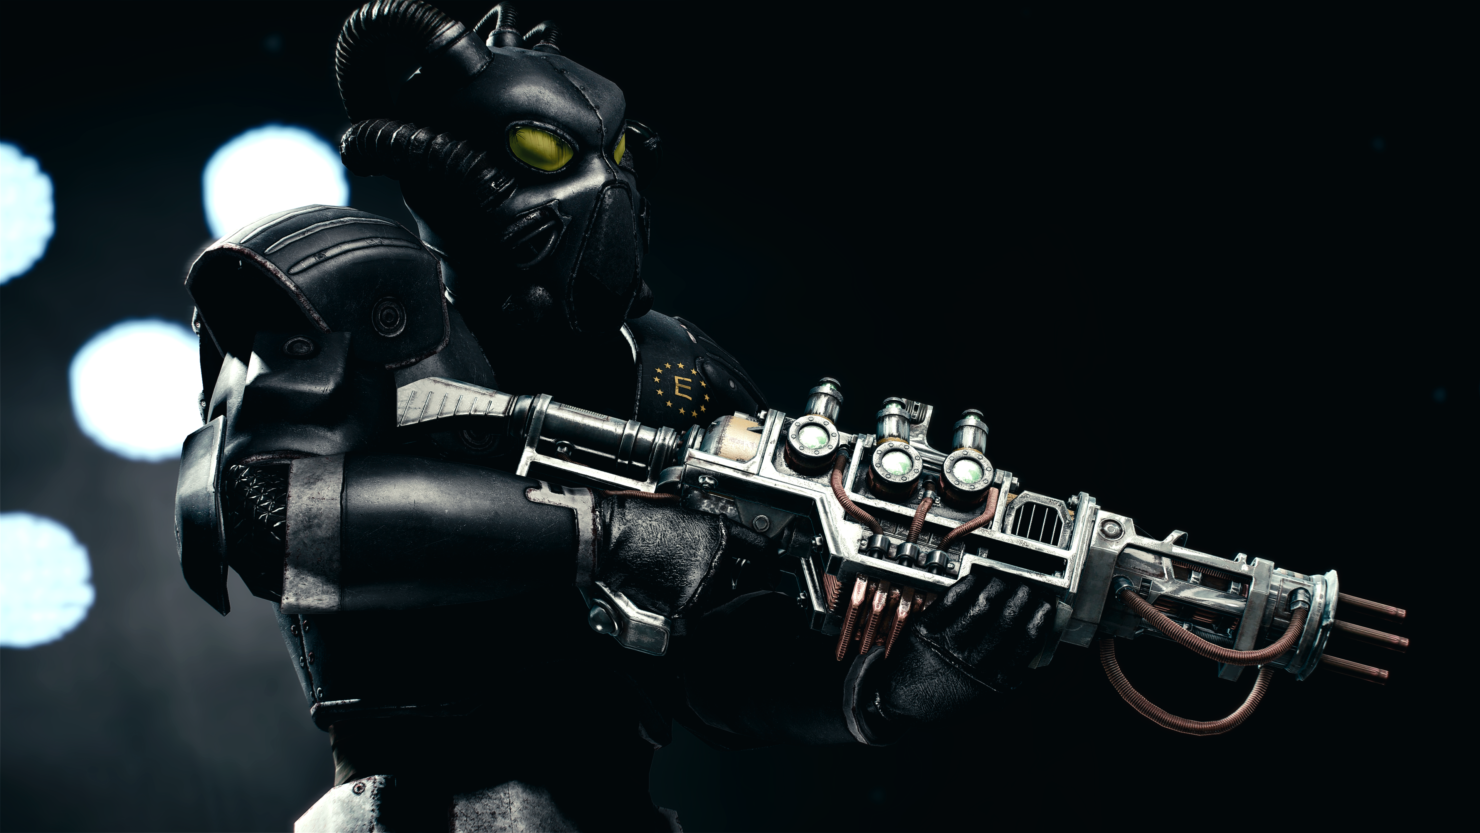 fallout-4-enclave-armor-mod-6